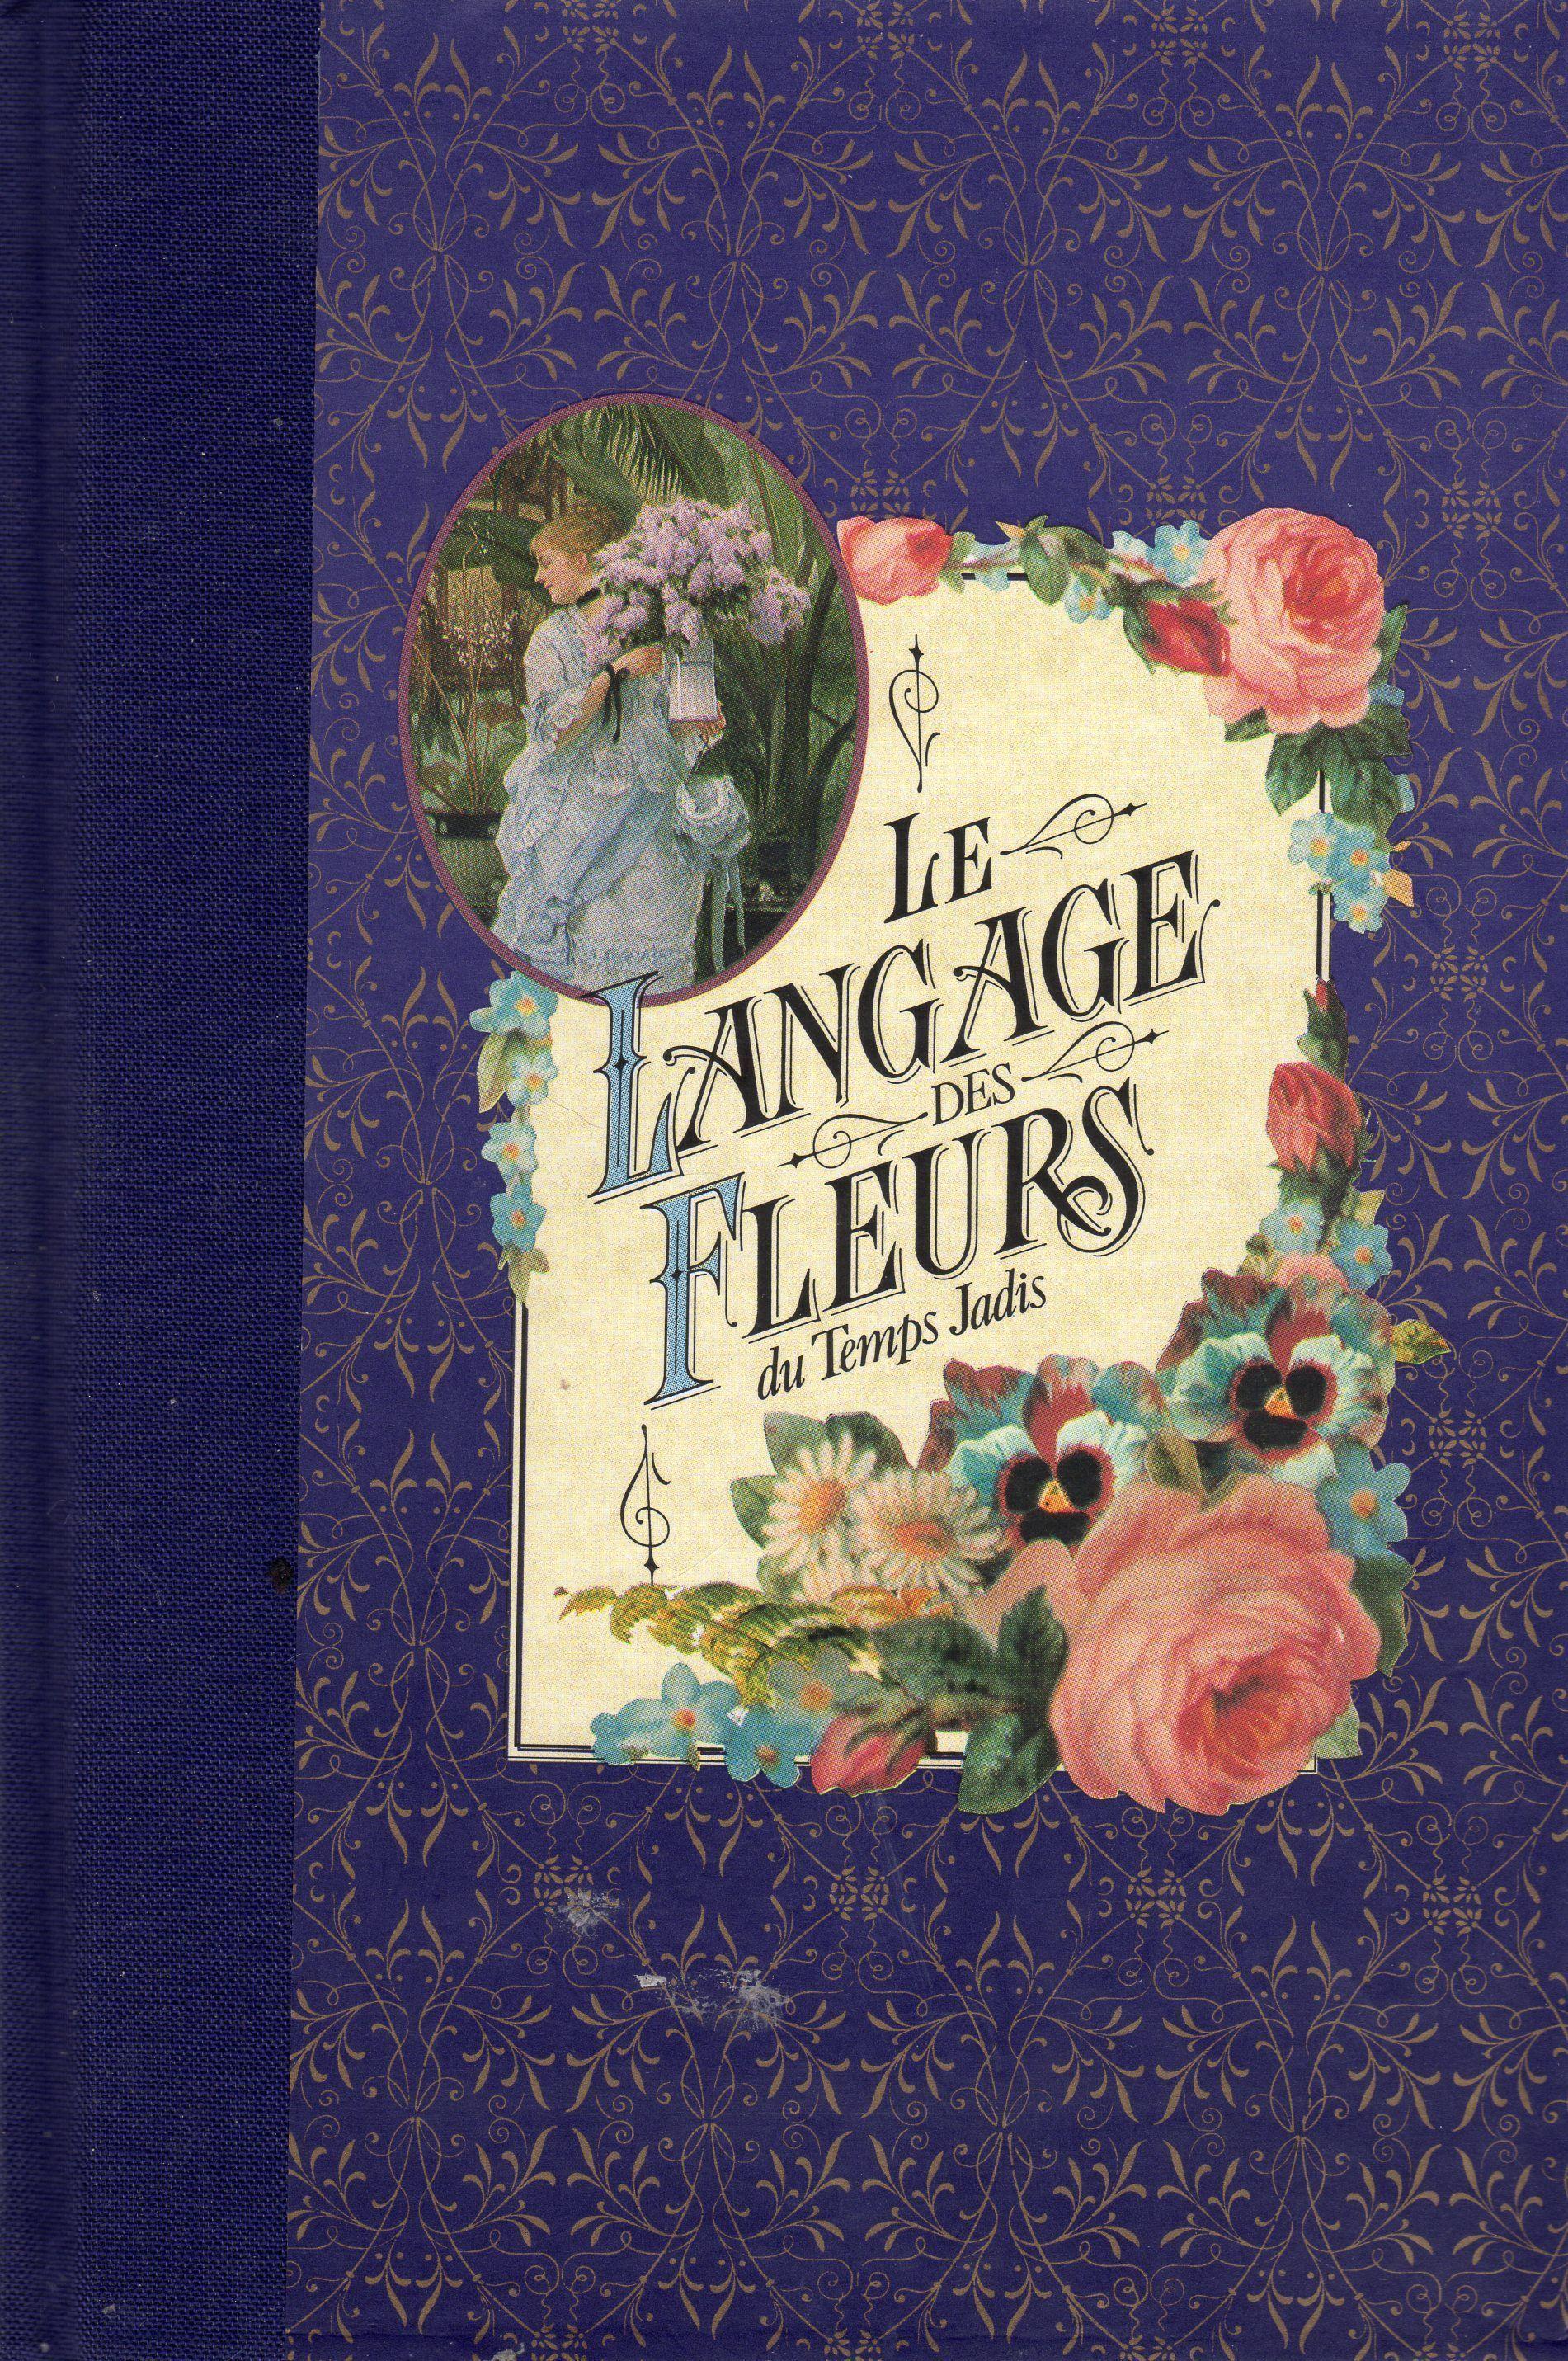 Le langage des fleurs du temps jadis page 6 - Langage des fleurs iris ...